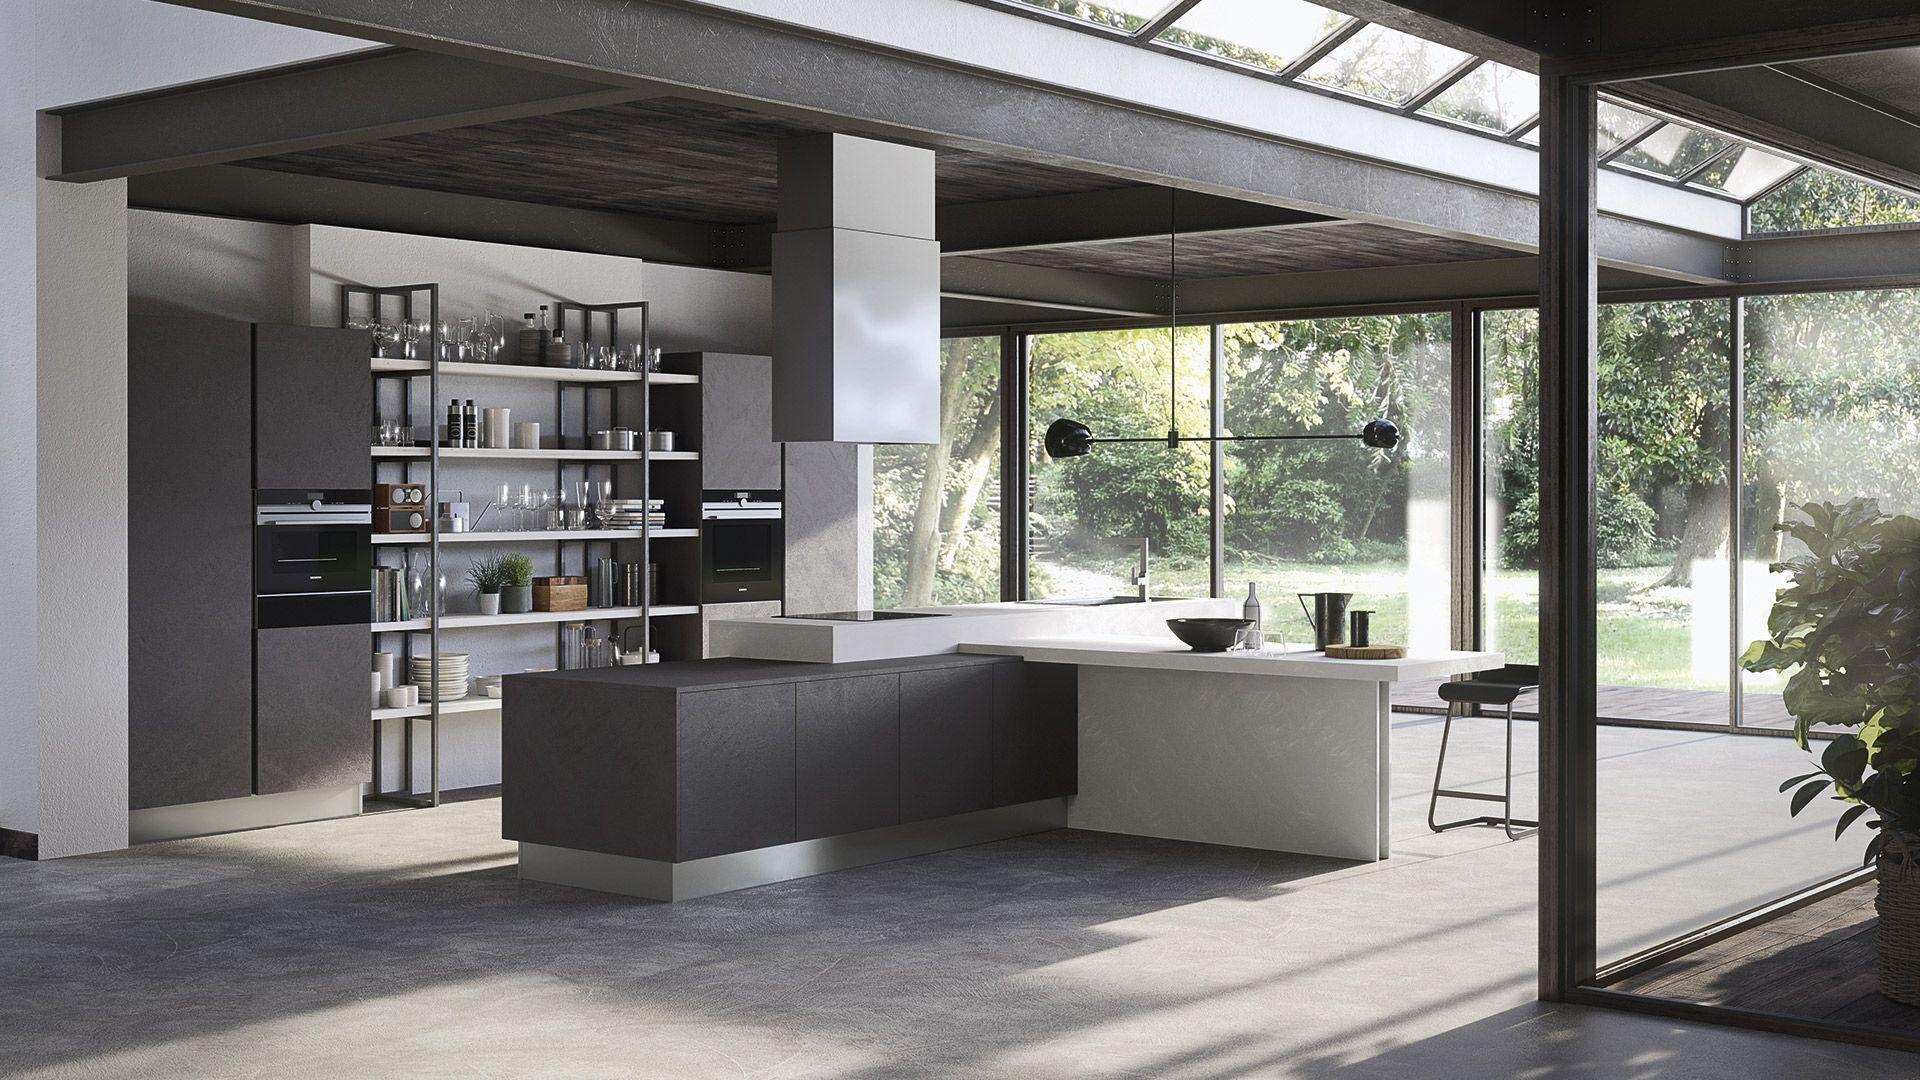 Eko – PEDINI   Cucine, Bagni e Living di Design   Вайн - Хаус ...